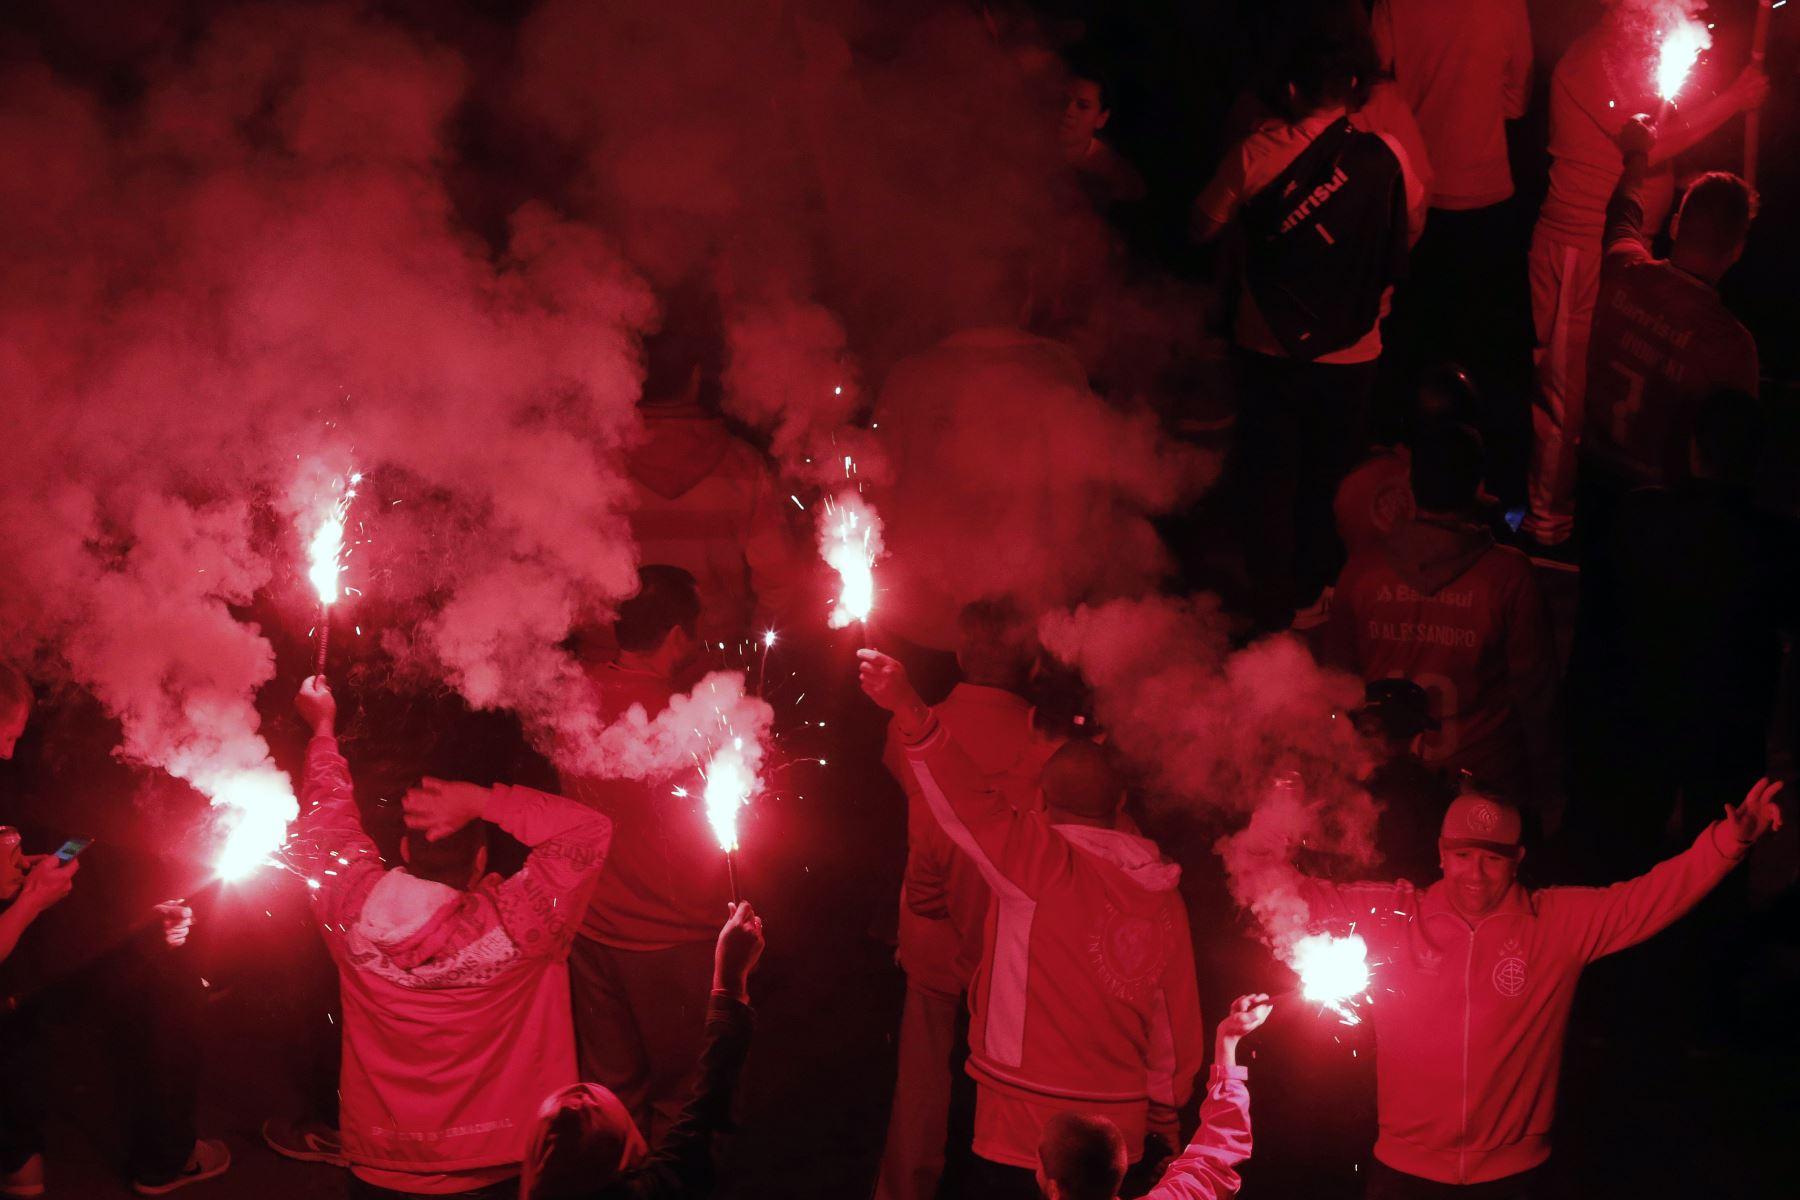 Hinchas del Internacional de Brasil alientan a su equipo antes del partido de fútbol por la final de la Copa de Brasil contra el Atletico Paranaense. Foto: AFP